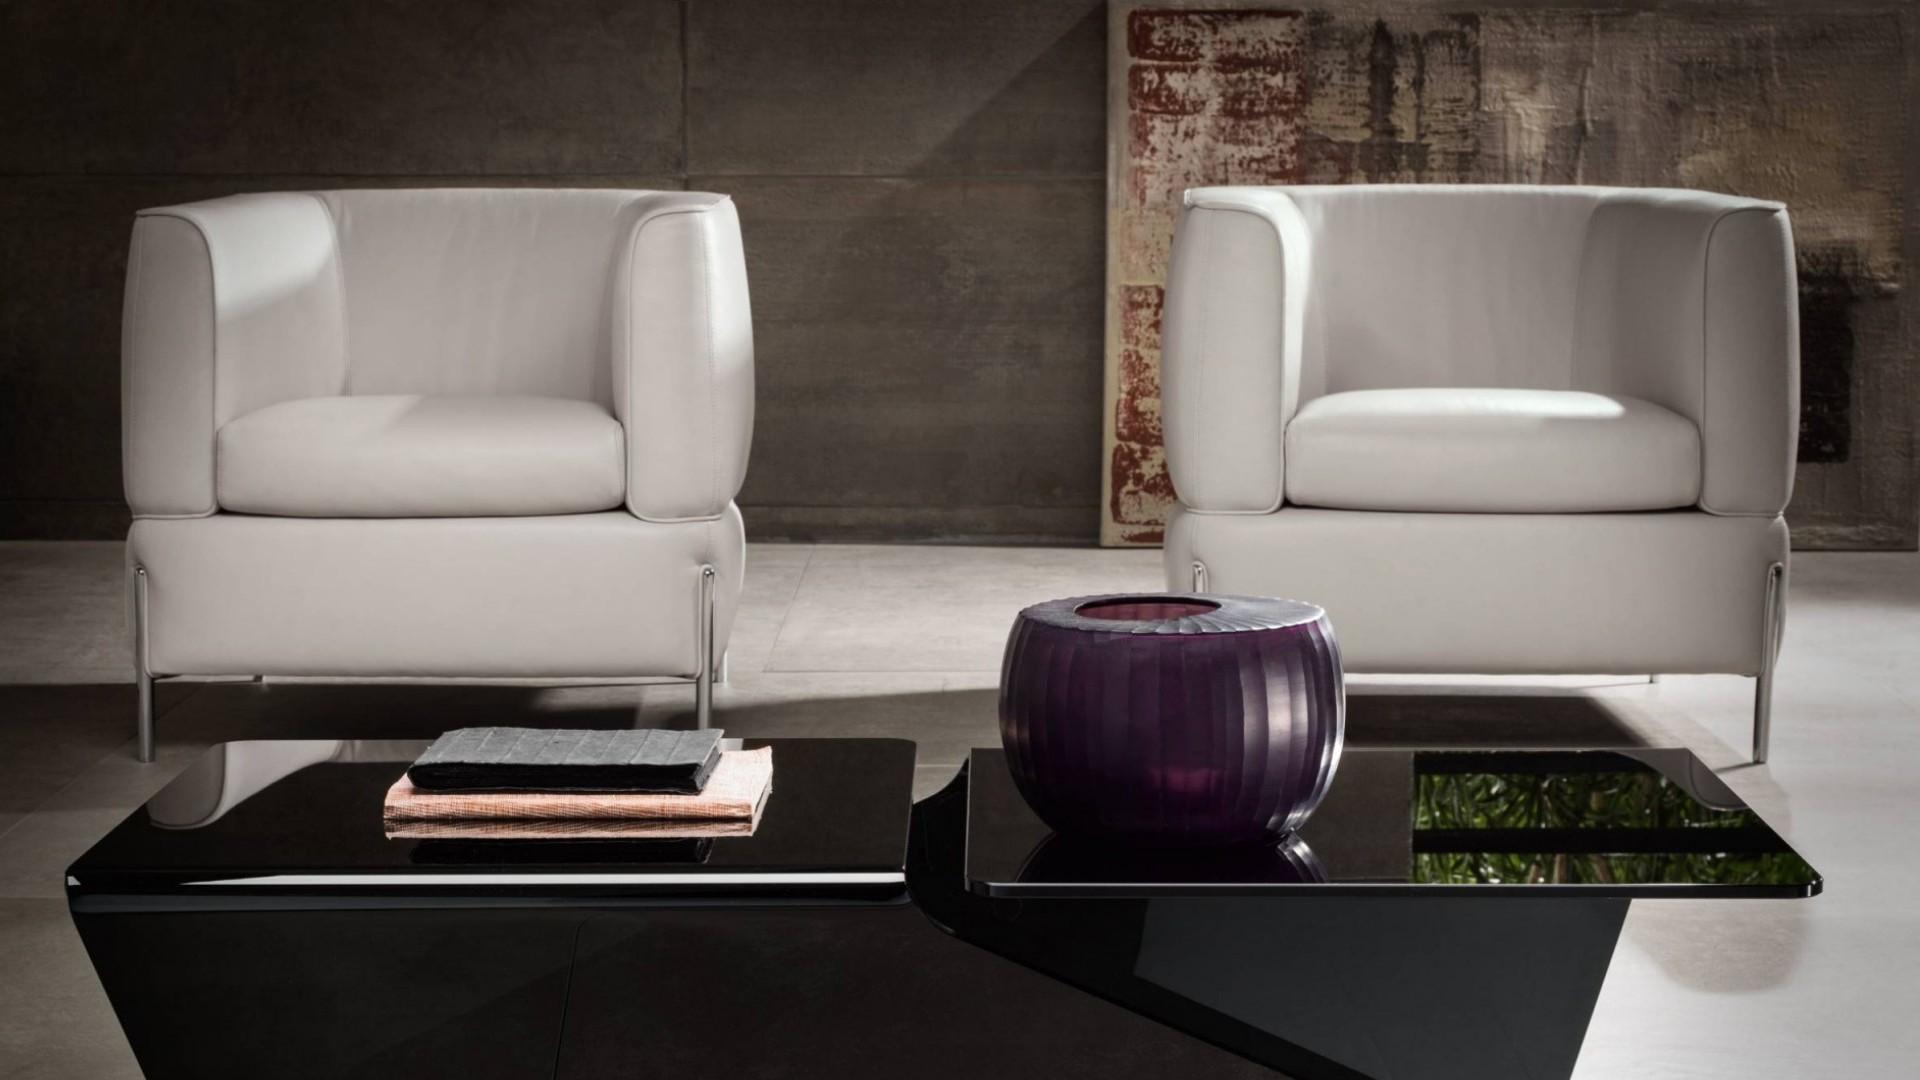 anteprima 2705 hip furniture. Black Bedroom Furniture Sets. Home Design Ideas